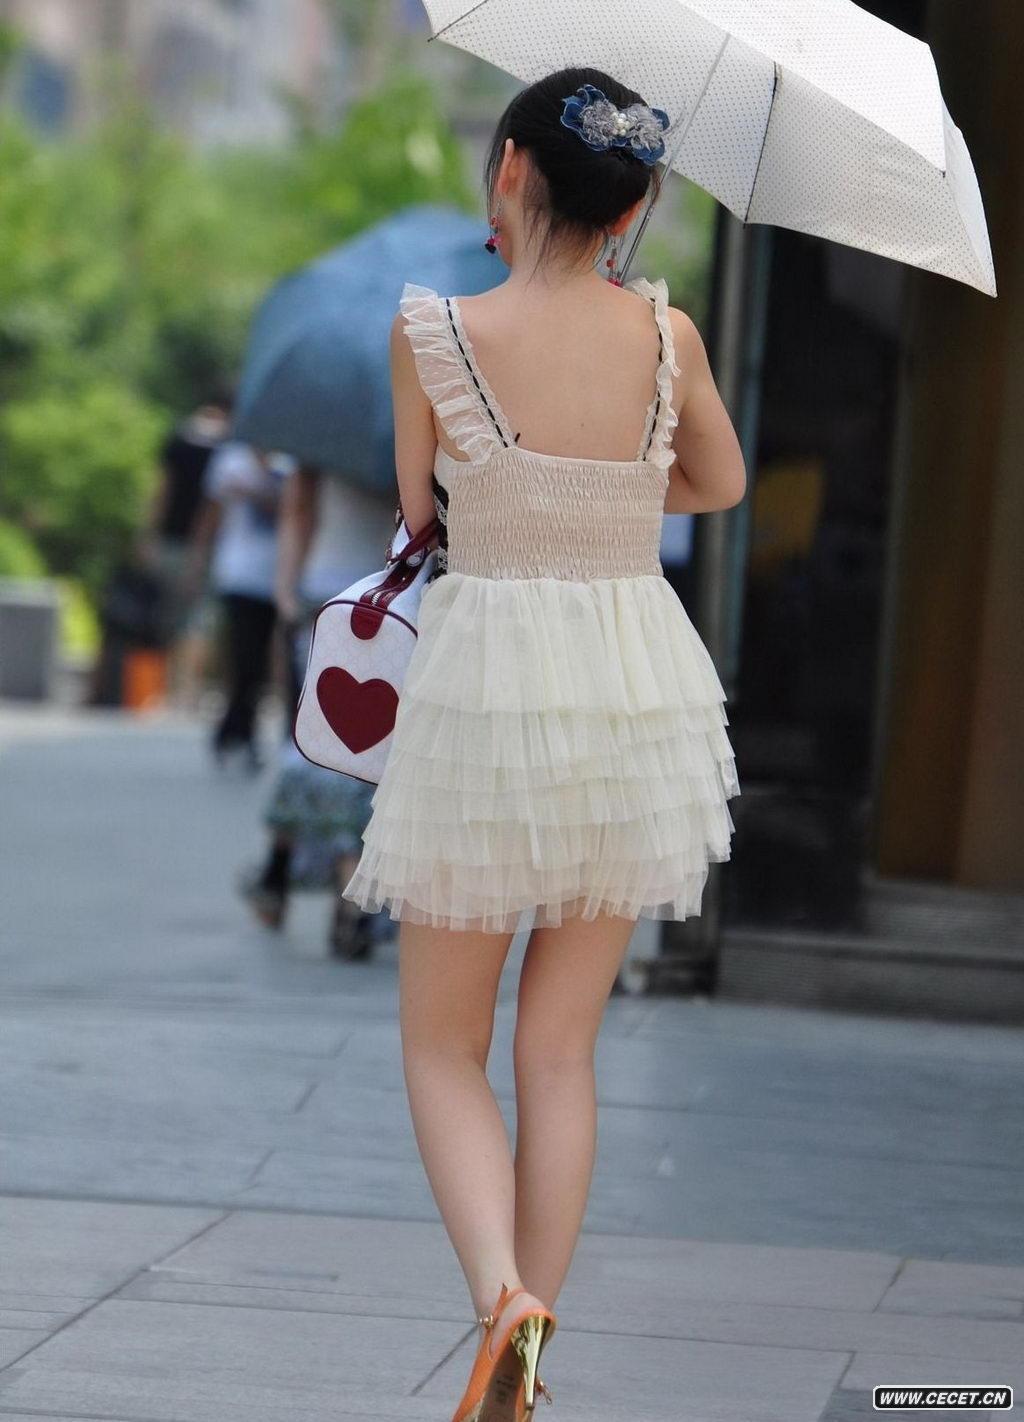 现实生活中的美少妇图片_现实生活中的白雪公主 - 中国娱乐资讯网CECET.CN